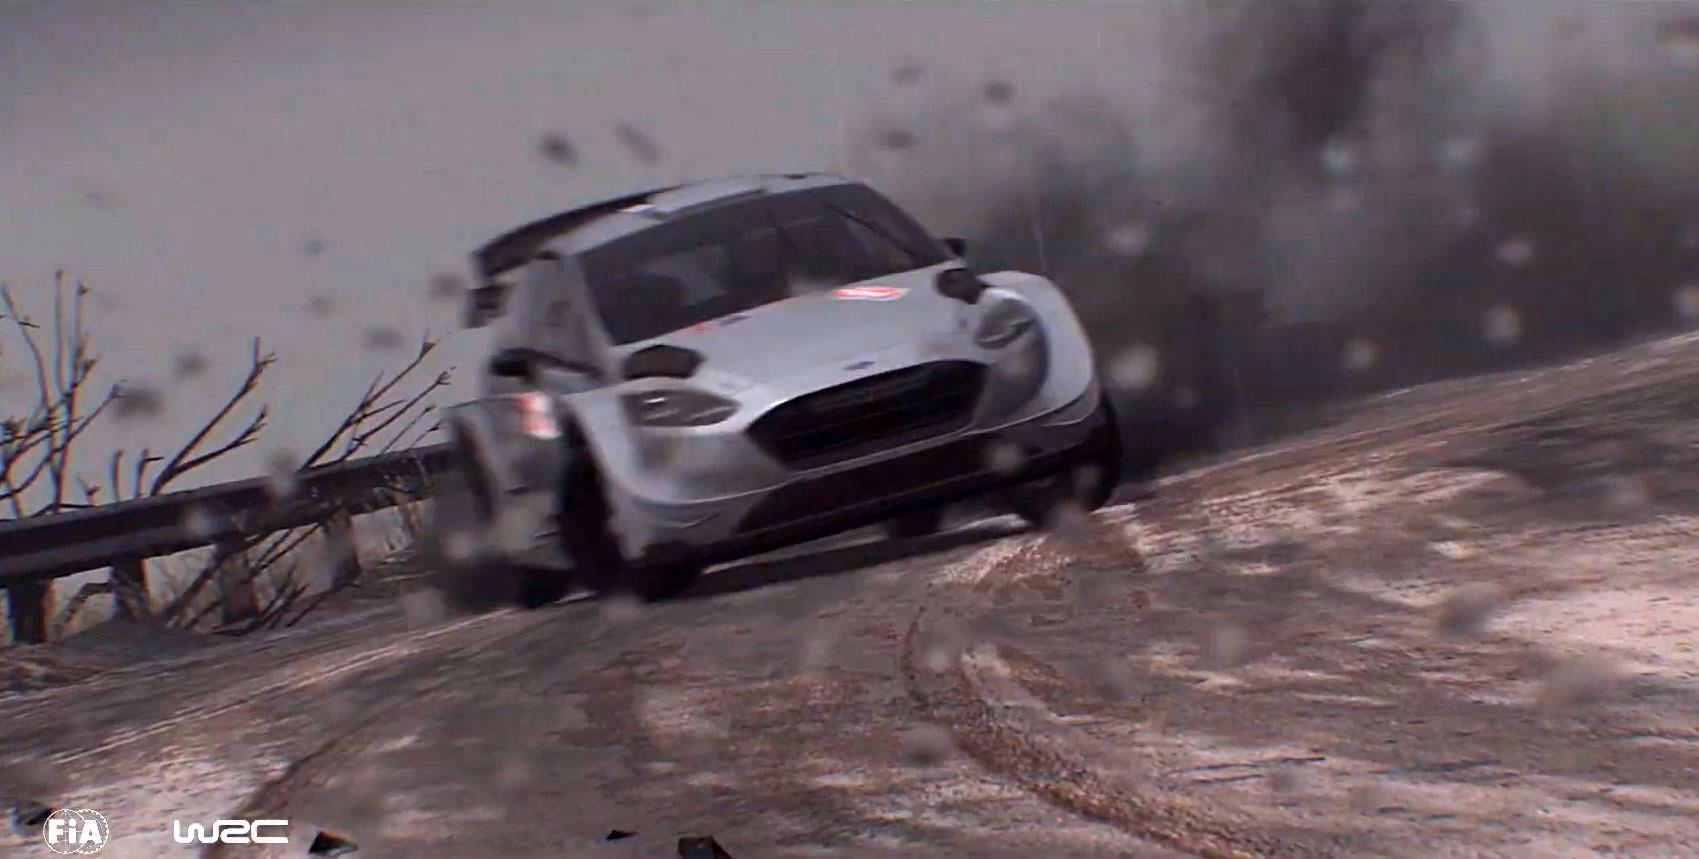 بازی رالی قهرمانی جهان WRC 8 را در تیزر رسمی و تصاویری از محیط آن ببینید